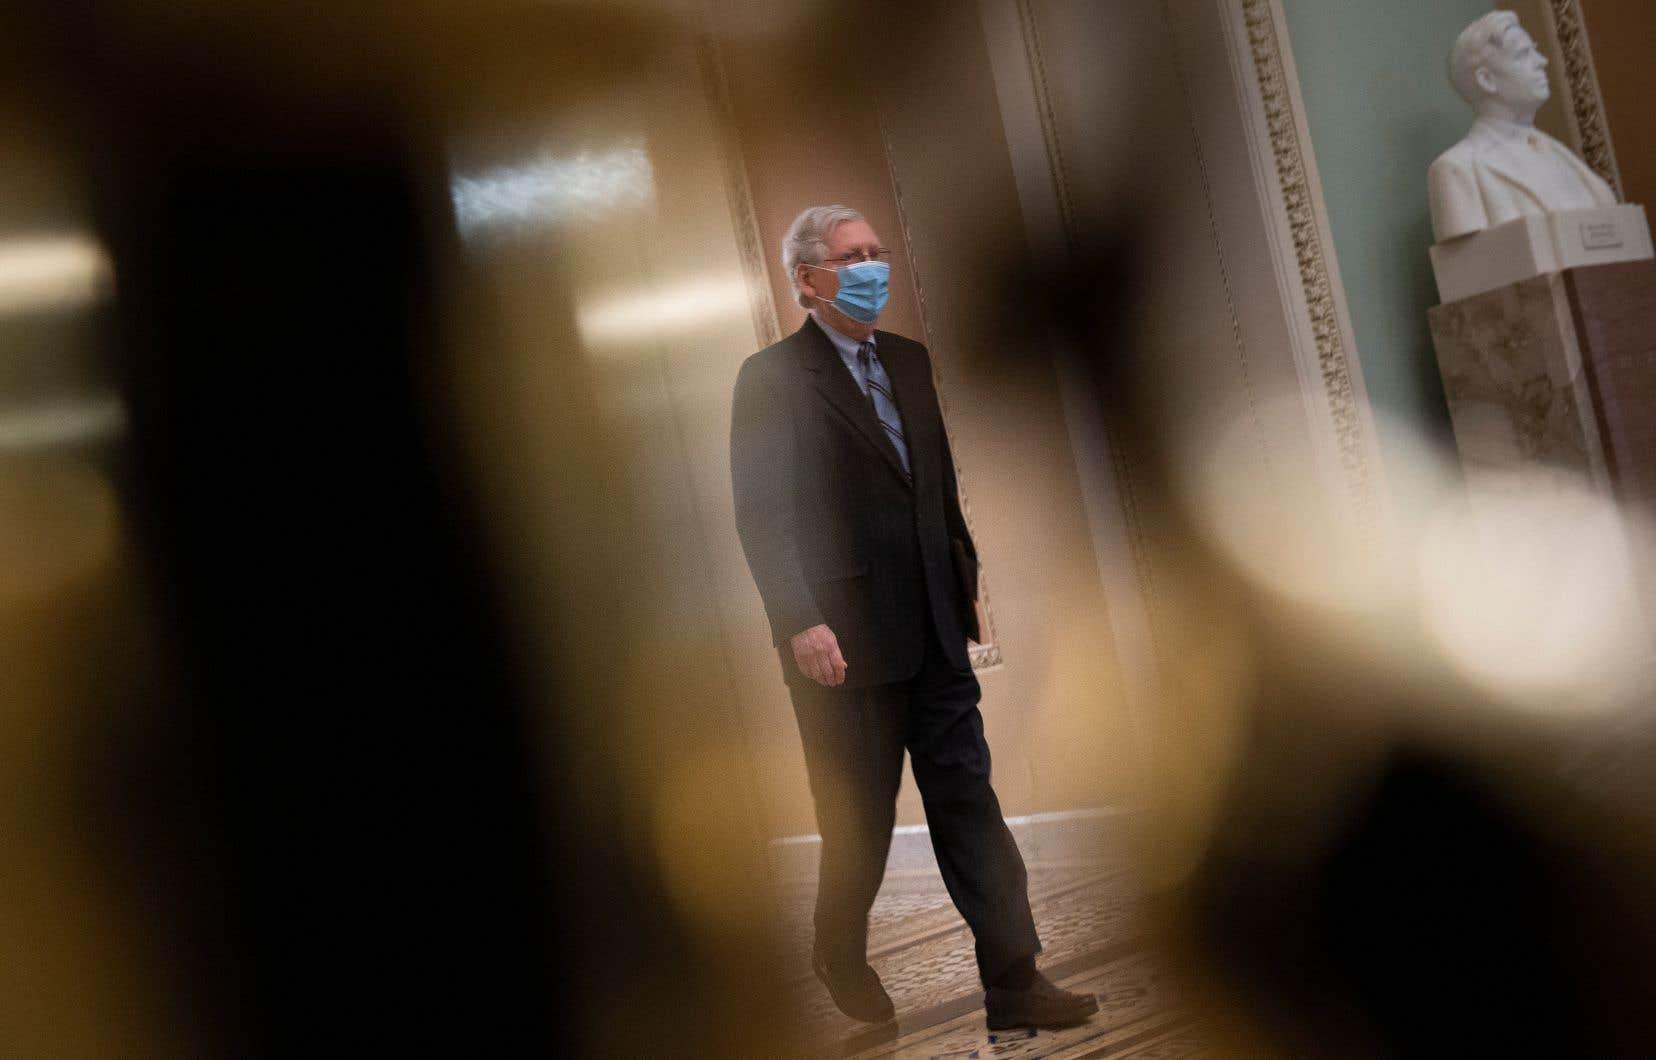 Le leader de la minorité républicaine au Sénat, Mitch McConnell avait initialement reconnu que le rôle de l'ancien président dans les émeutes du 6janvier pourrait être passible de destitution. Il est depuis revenu à voter contre la tenue du procès.